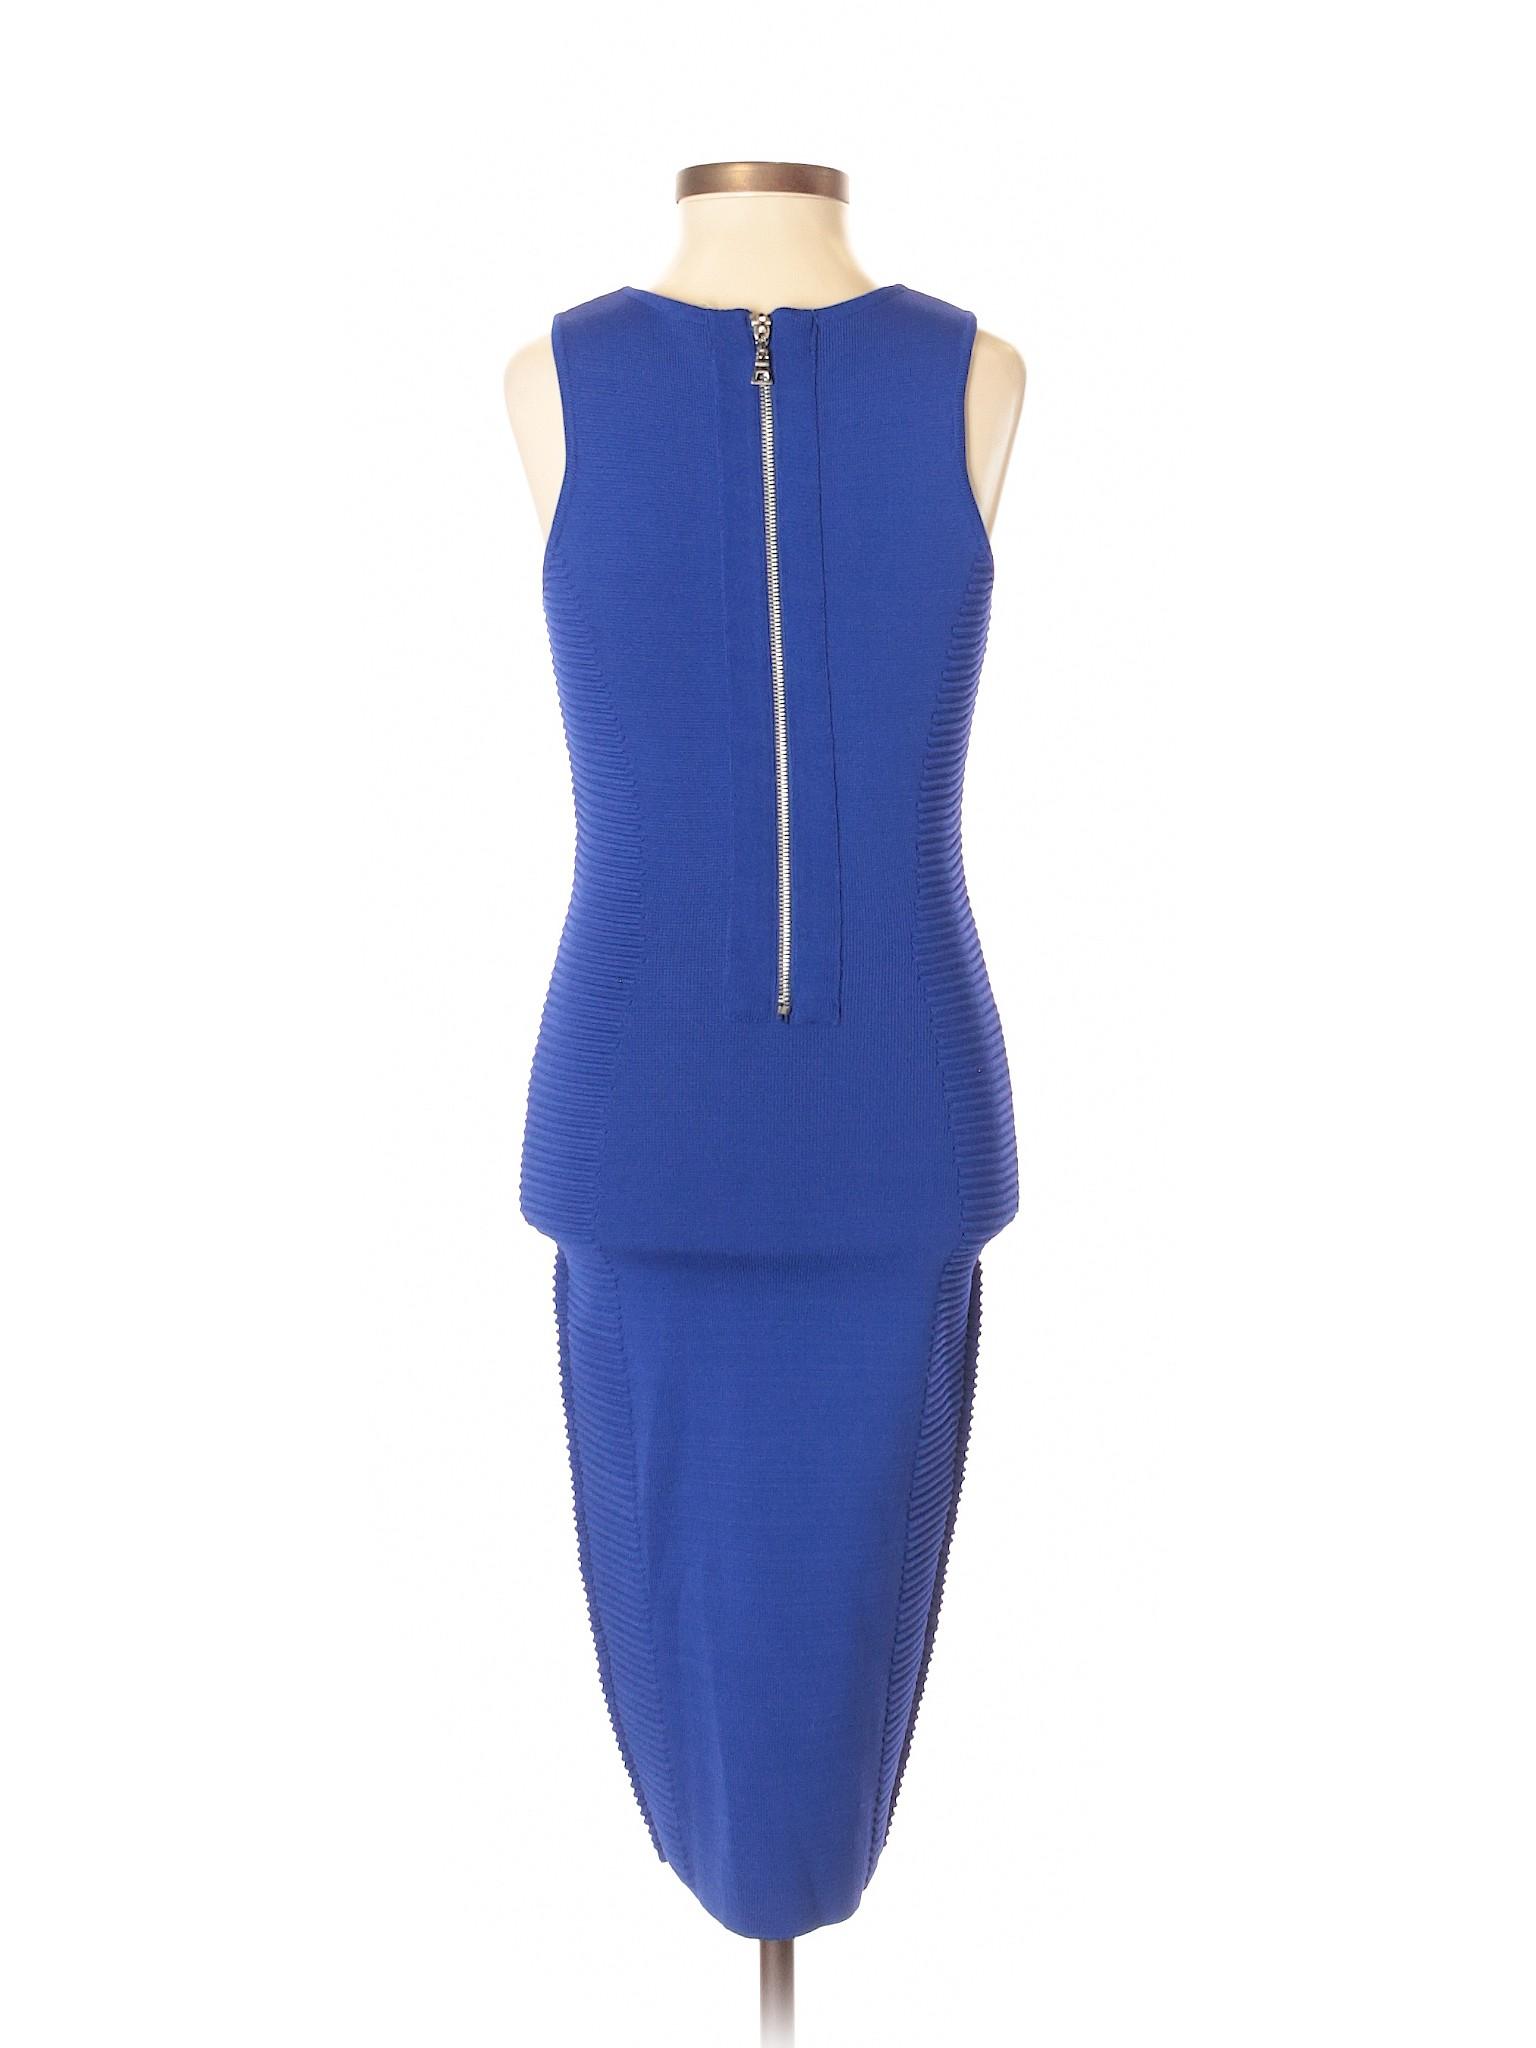 Casual Boutique by winter Torn Kobo Dress Ronny w88zZxq